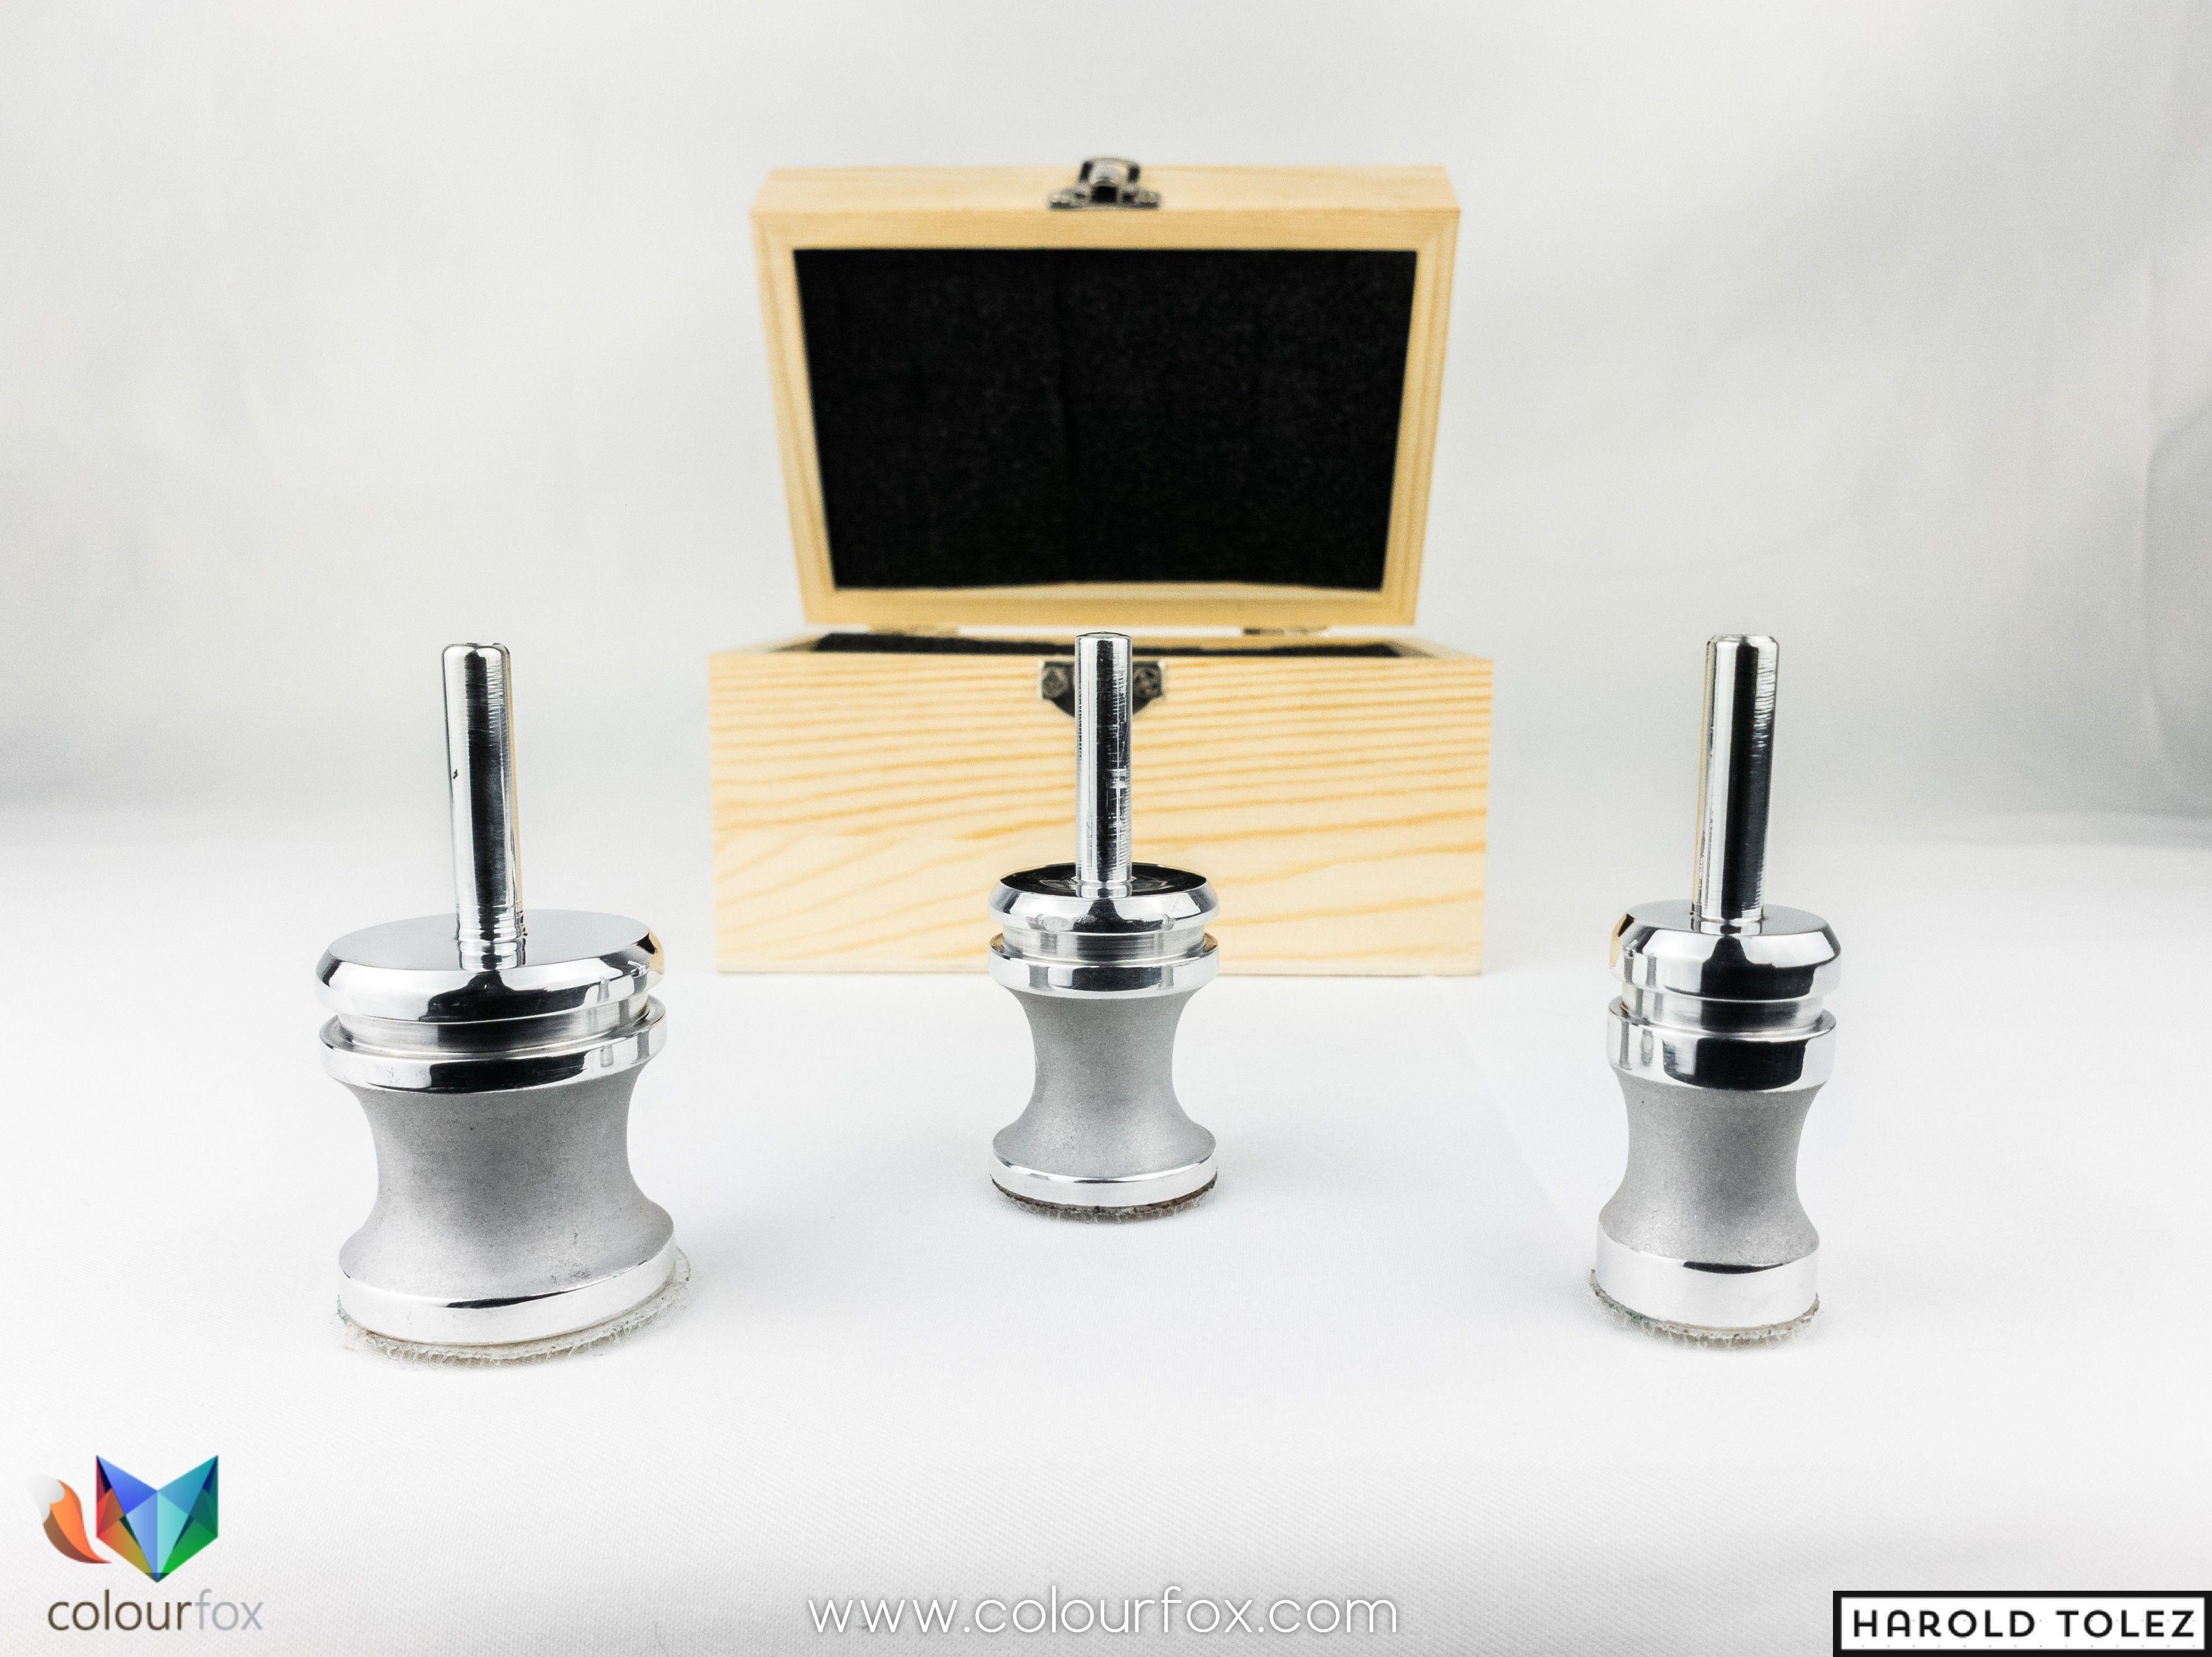 Leaf Turning Set Flash Tool de Custom Creative en caja especial de madera con velcro en Colourfox Barcelona, España